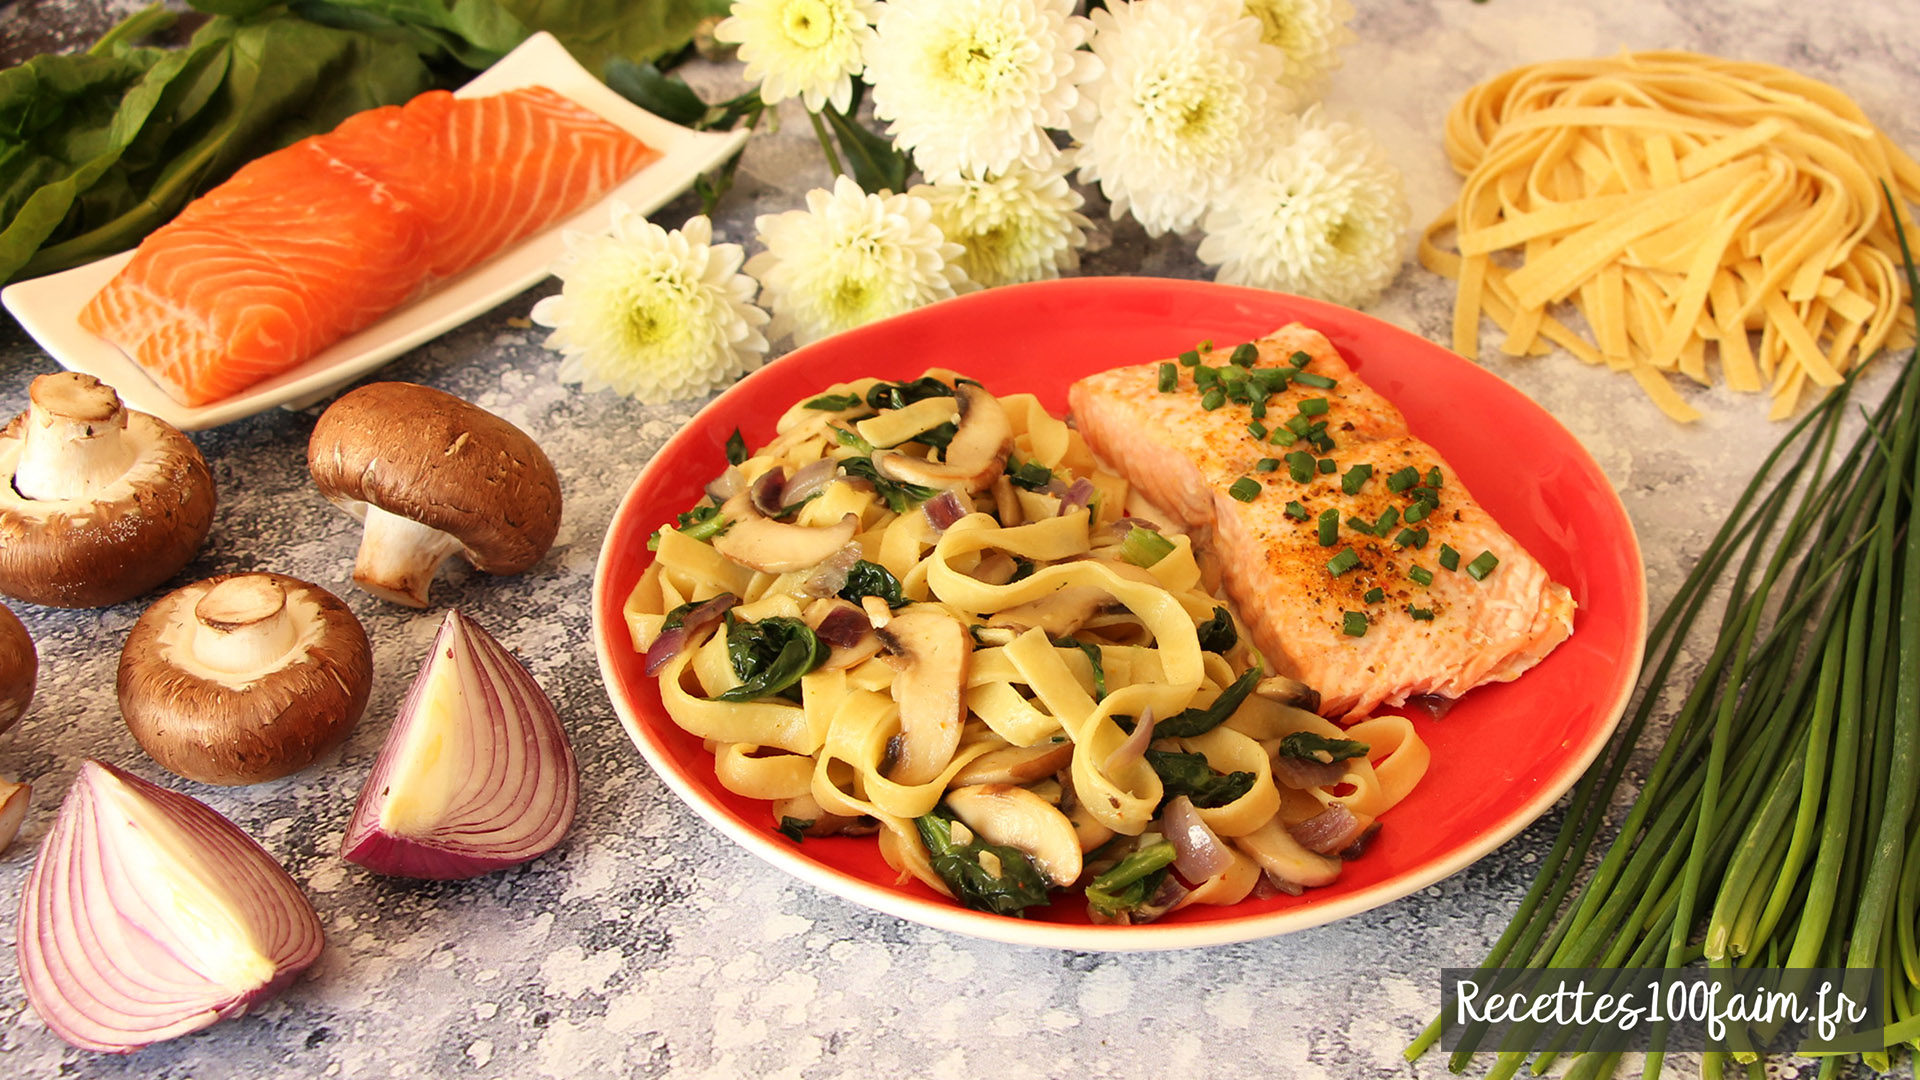 recette saumon pate fraiche oignon champignon epinard coco